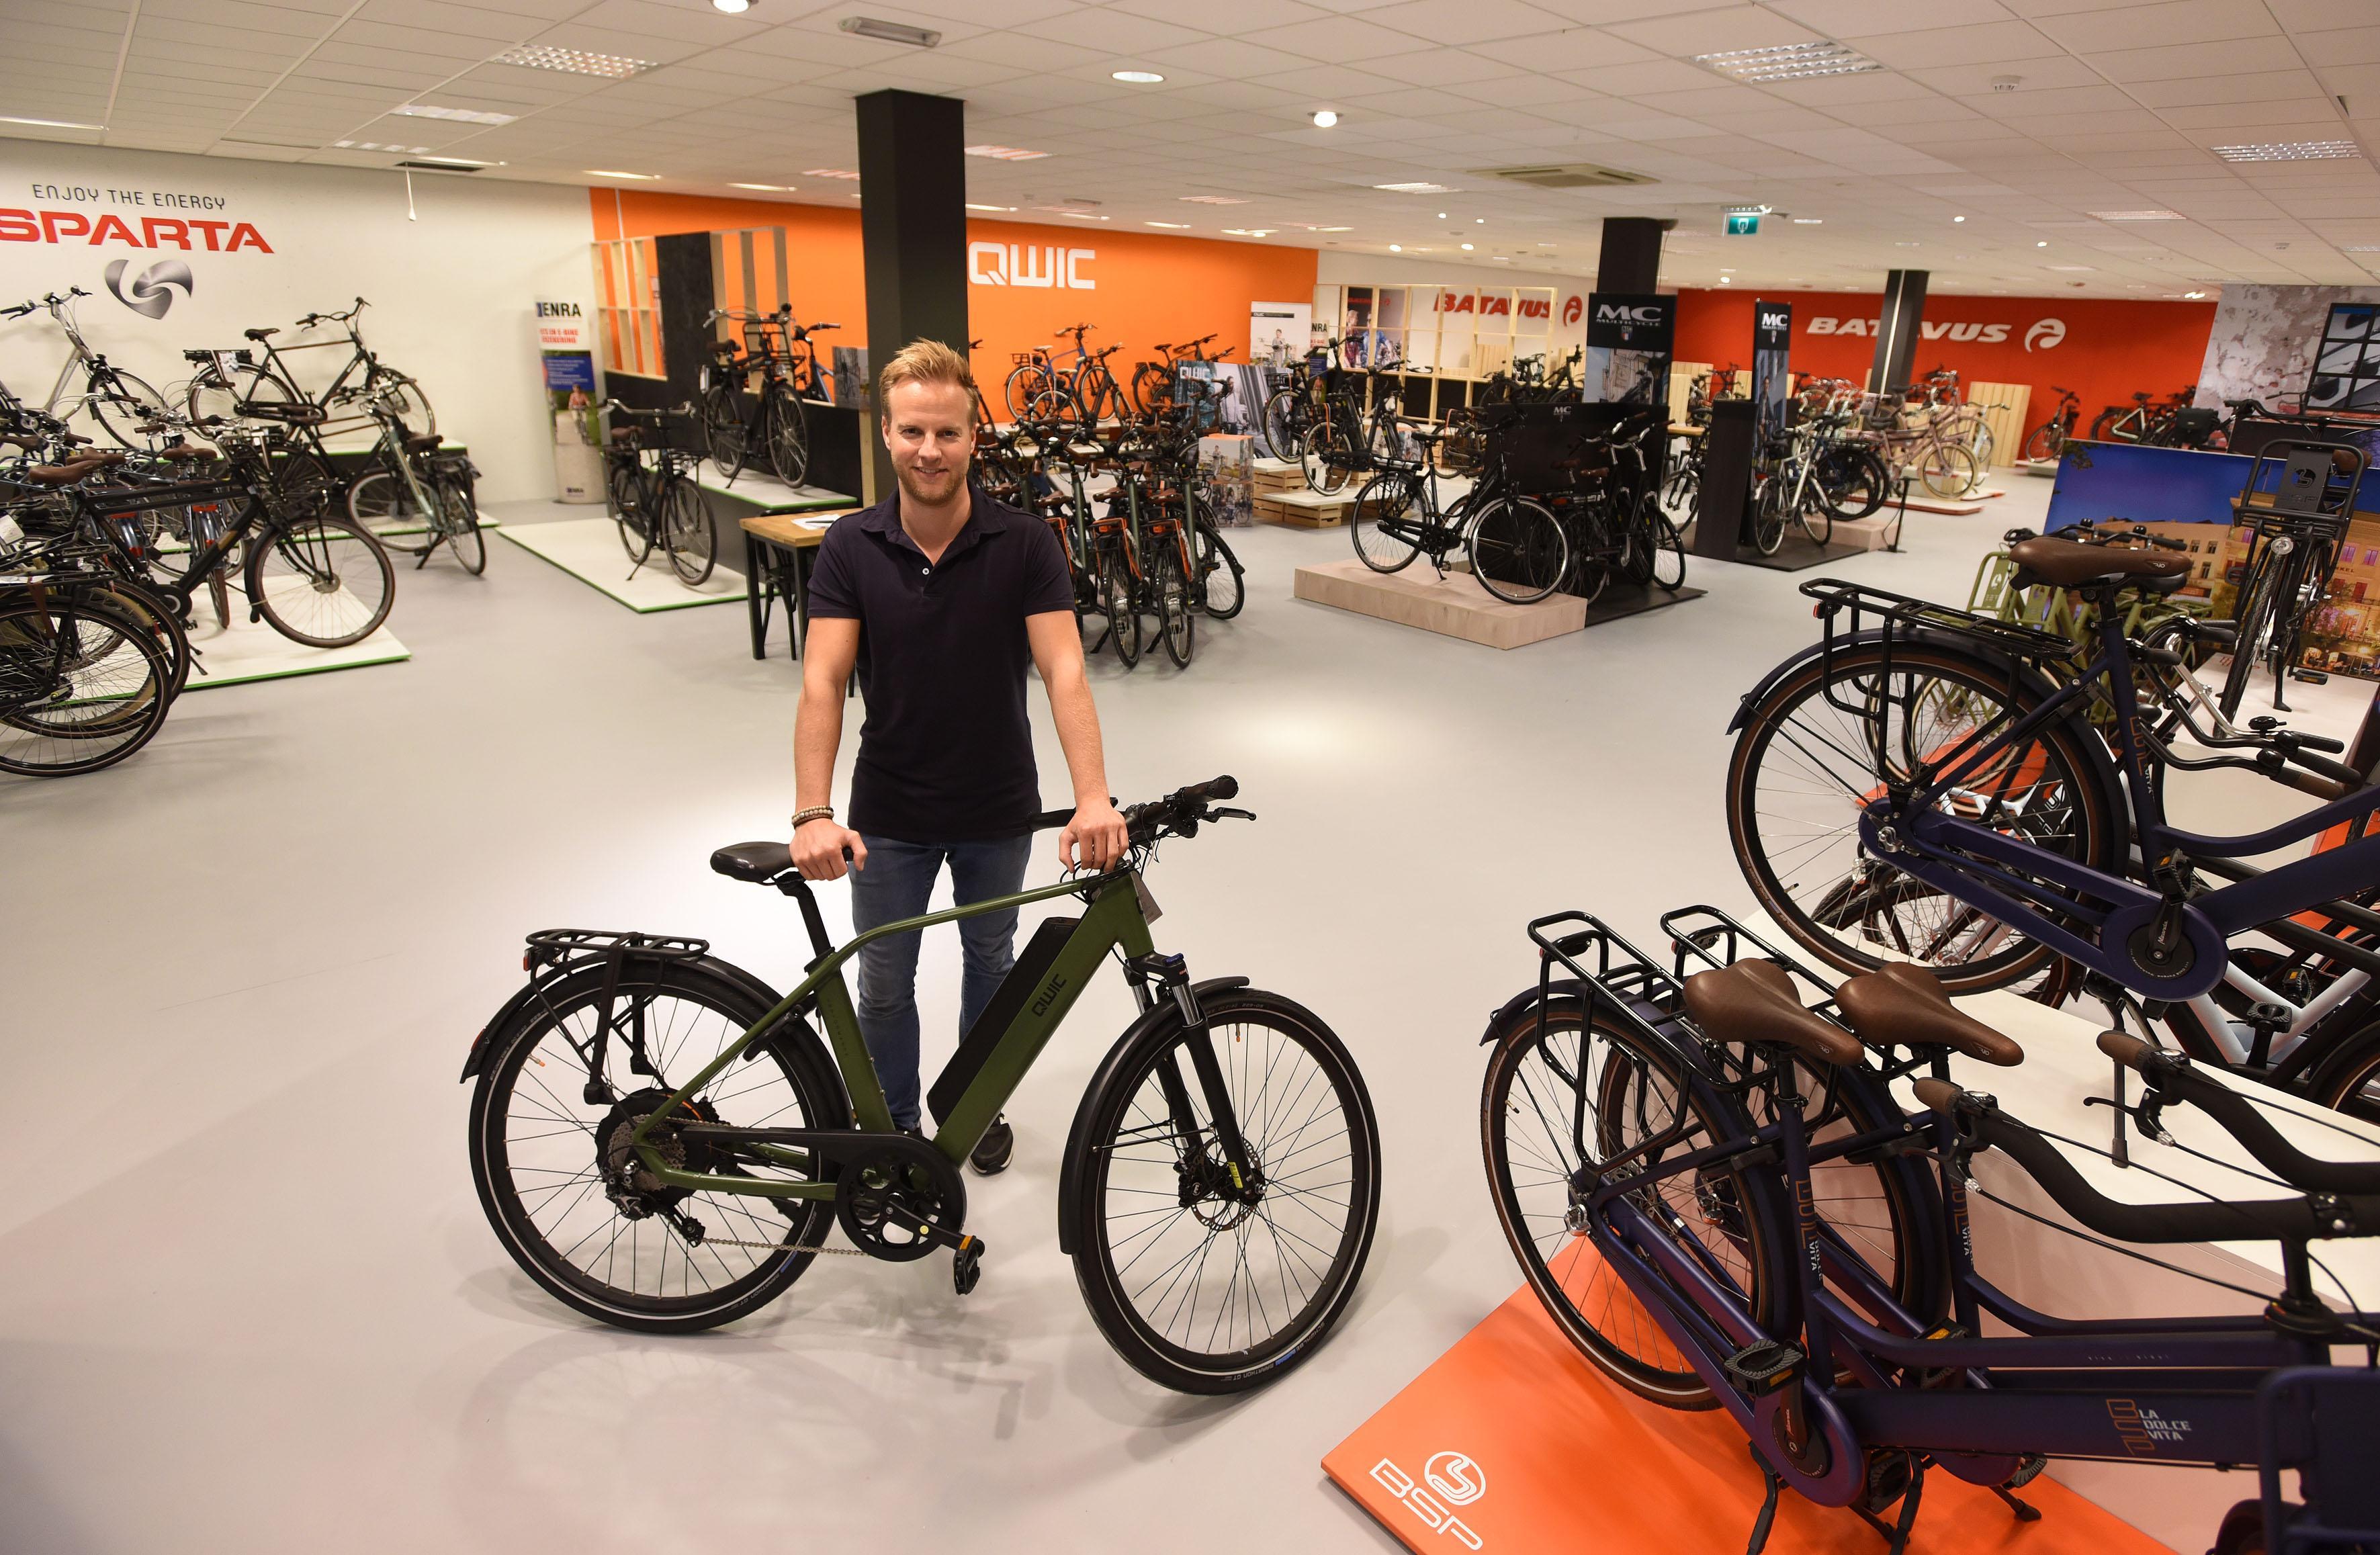 Fietsenstunt op 2500 m2 in Hoorn: 'Alle topmerken, voor het hele gezin'